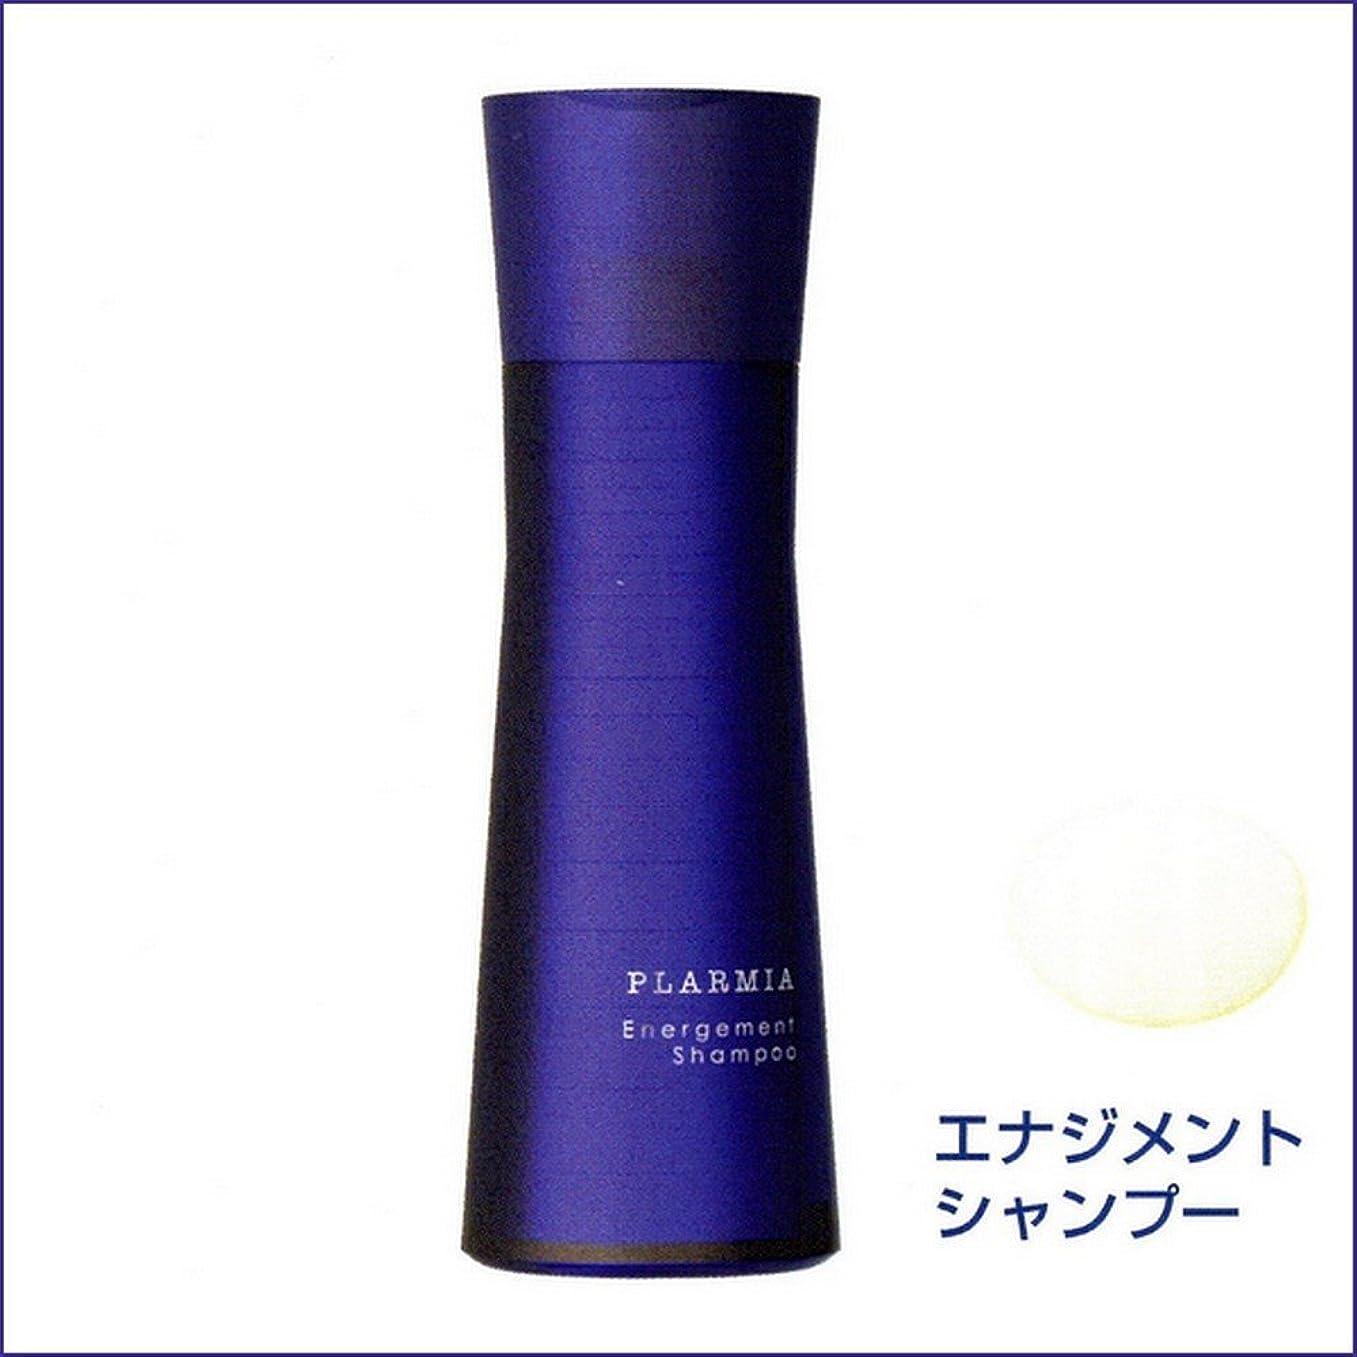 甲虫フラップ哀プラーミア エナジメント シャンプー 200ml